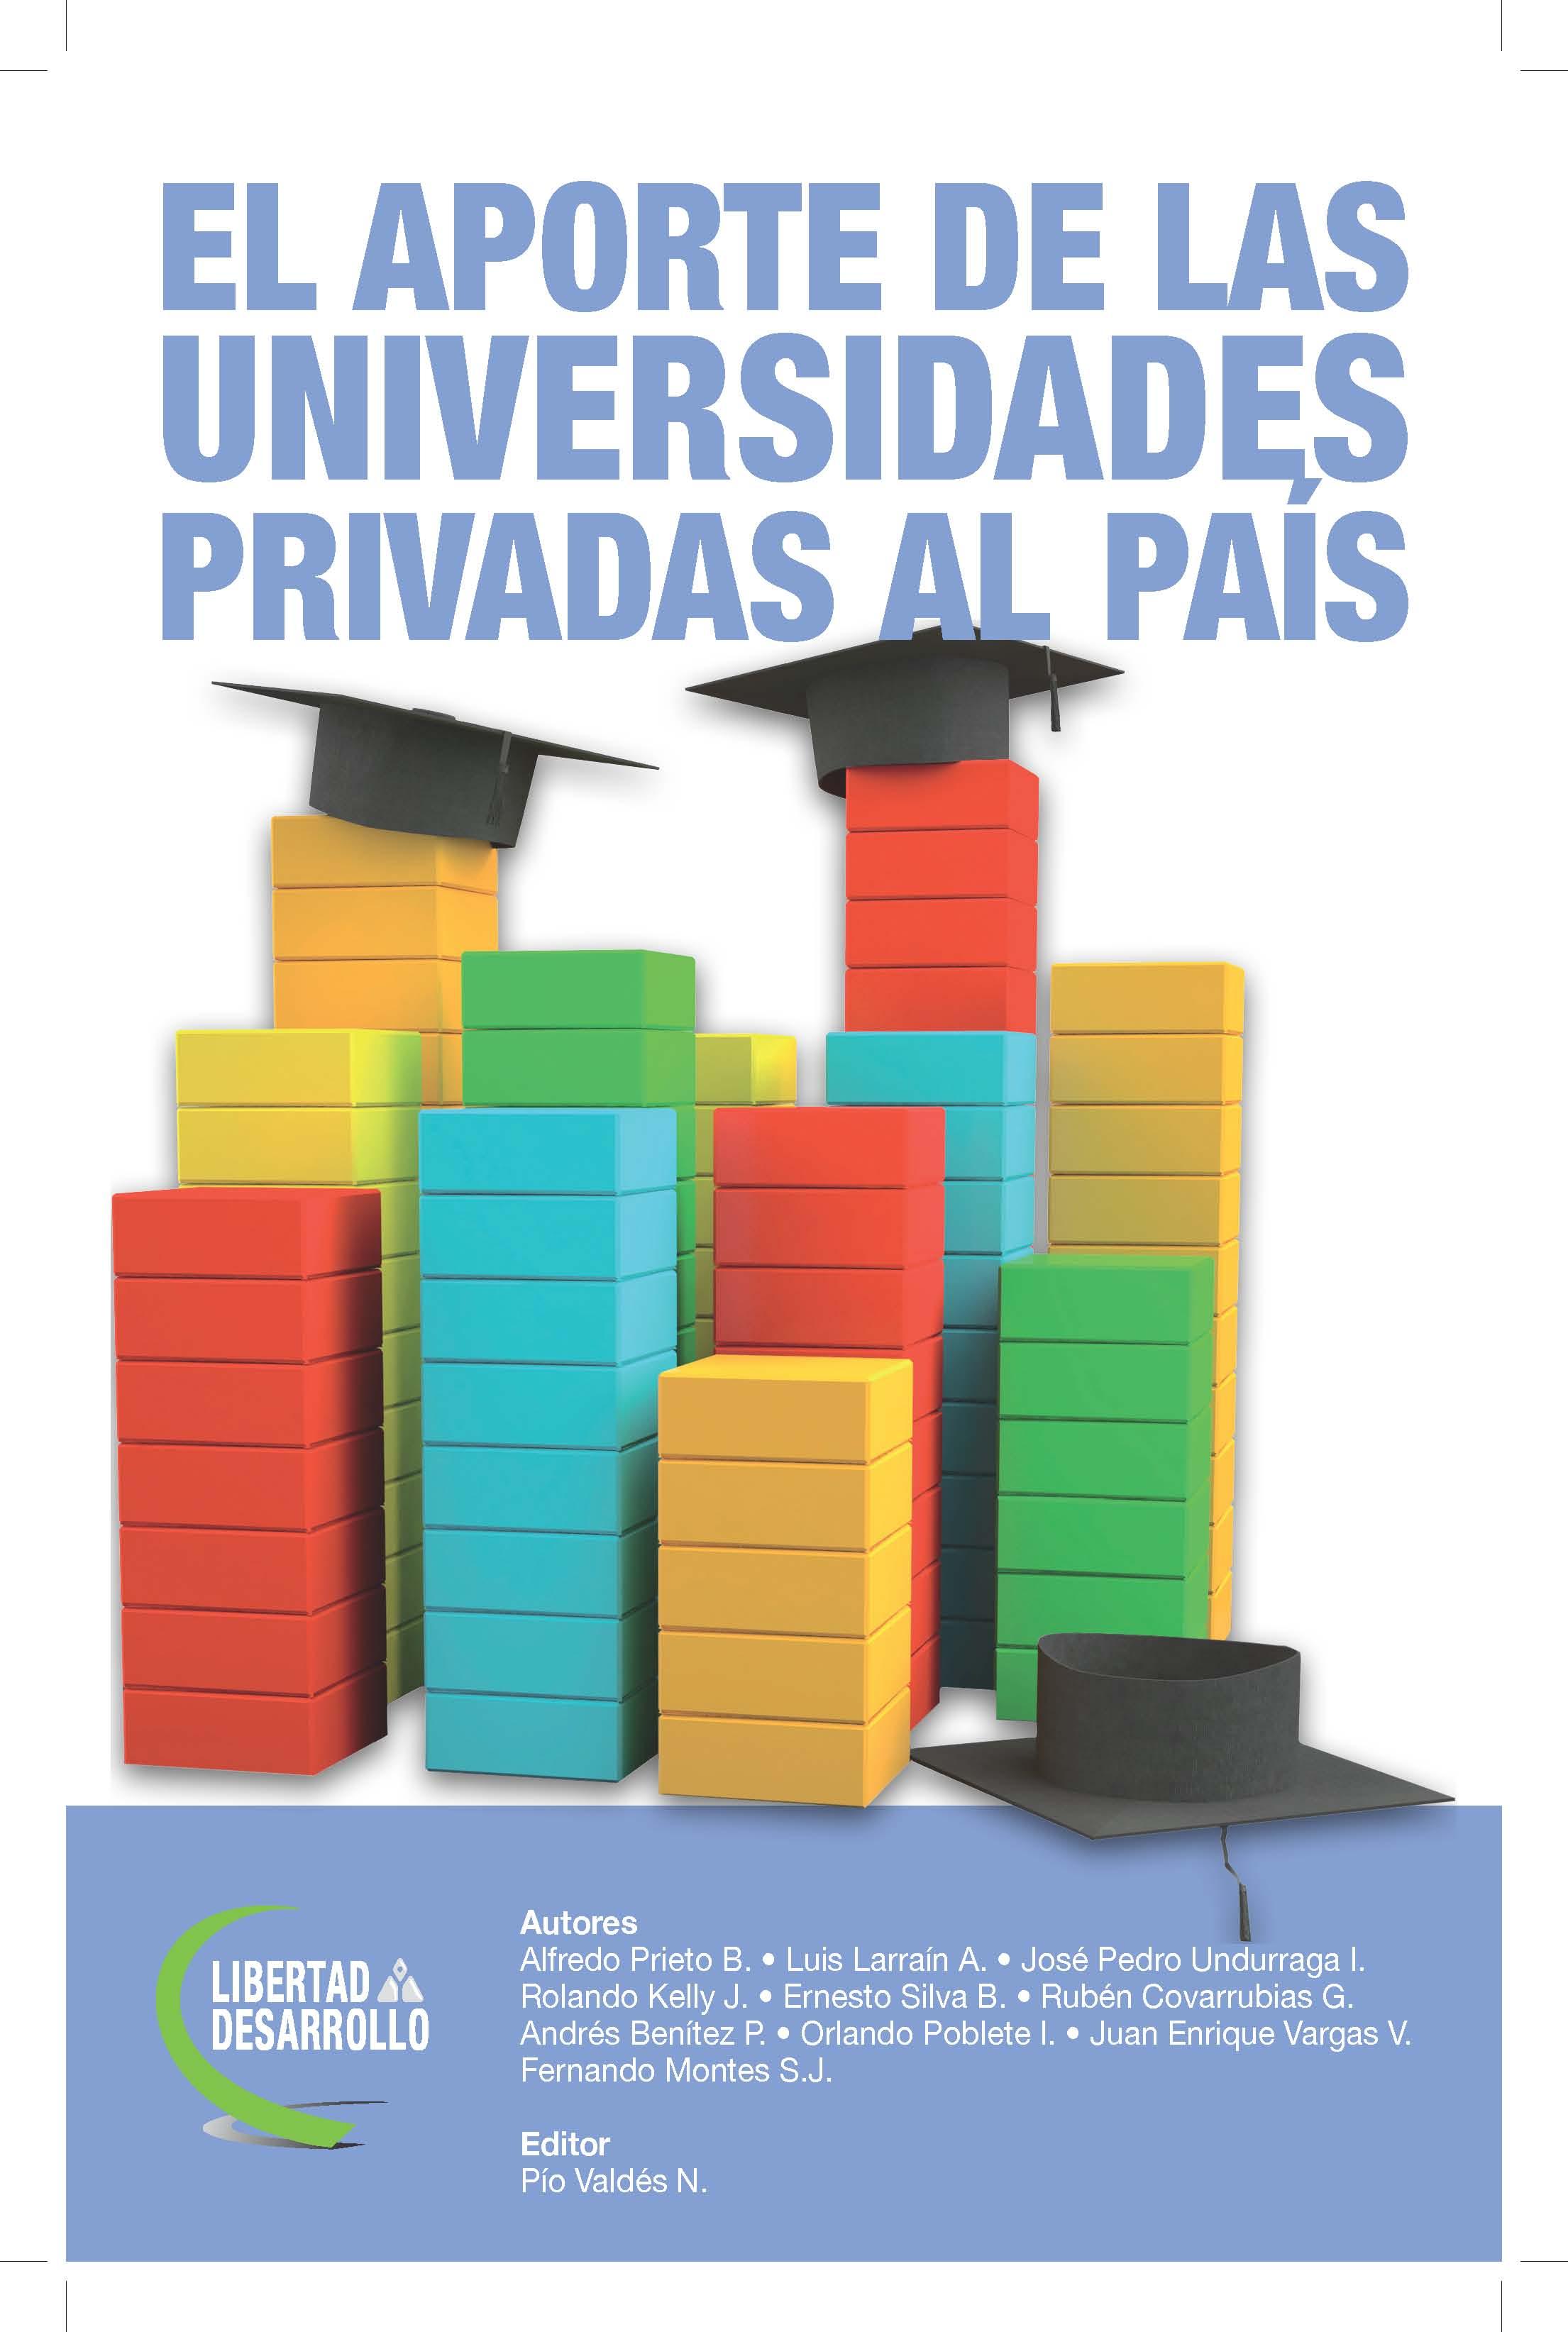 EL APORTE DE LAS UNIVERSIDADES PRIVADAS AL PAIS  Libertad